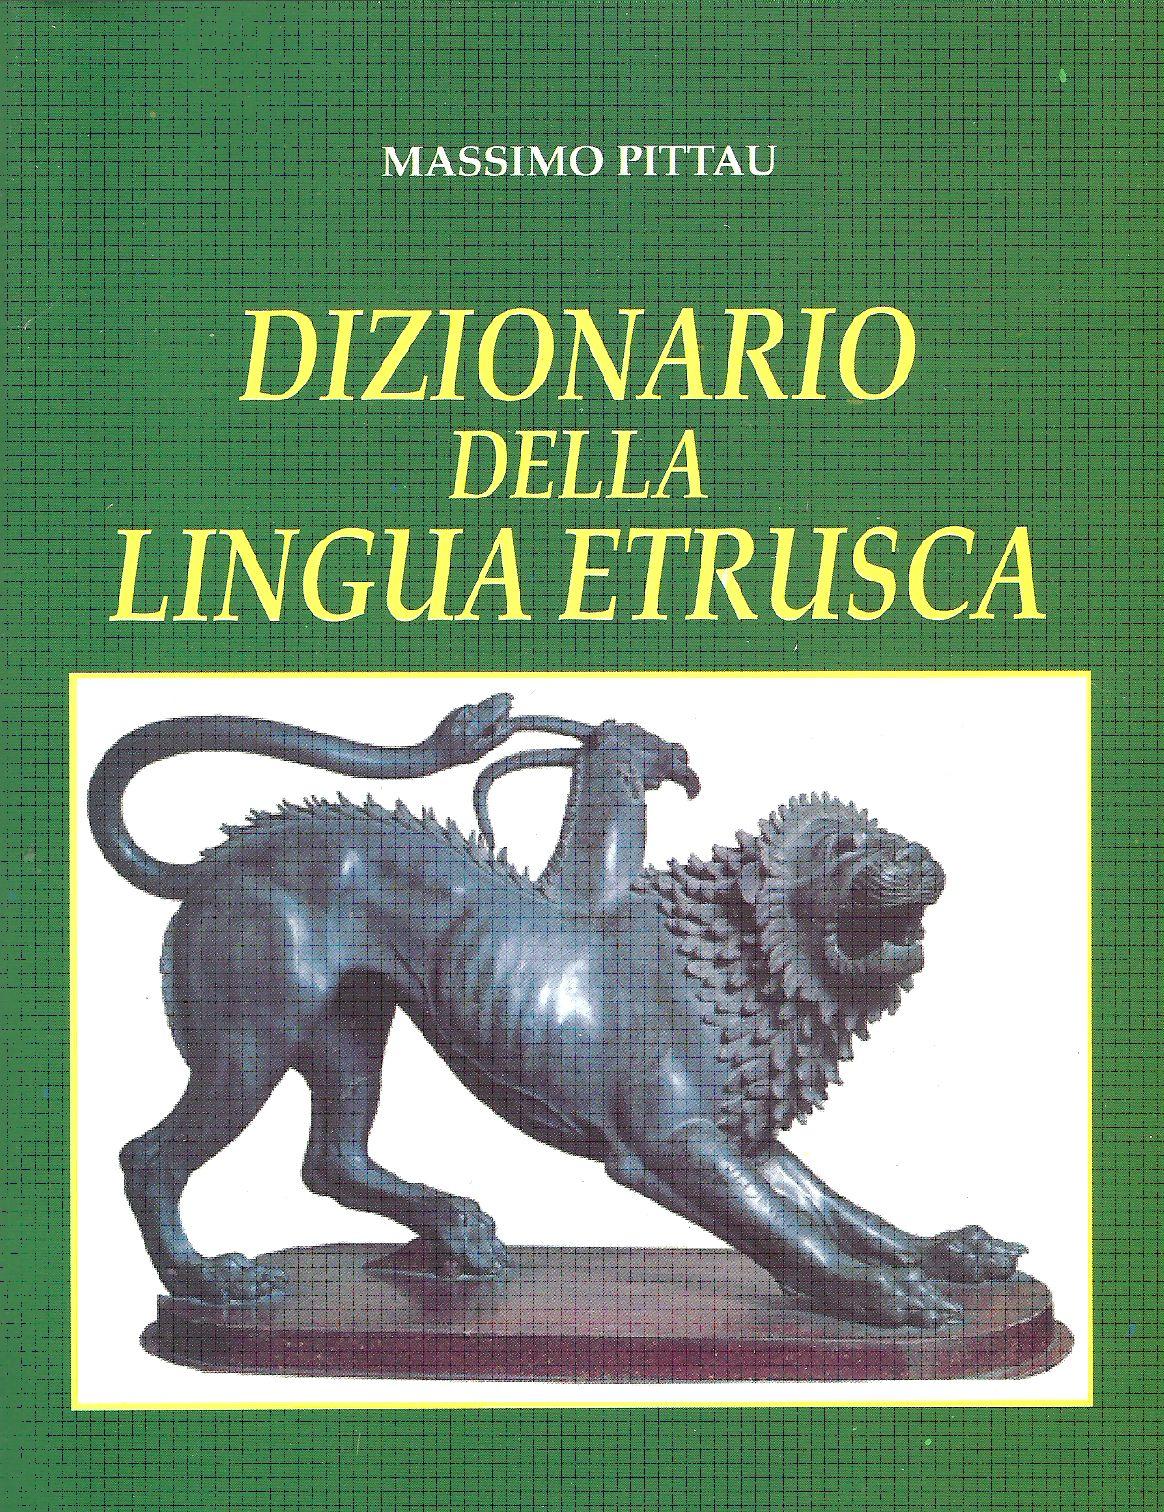 dizionariolinguaetrusca